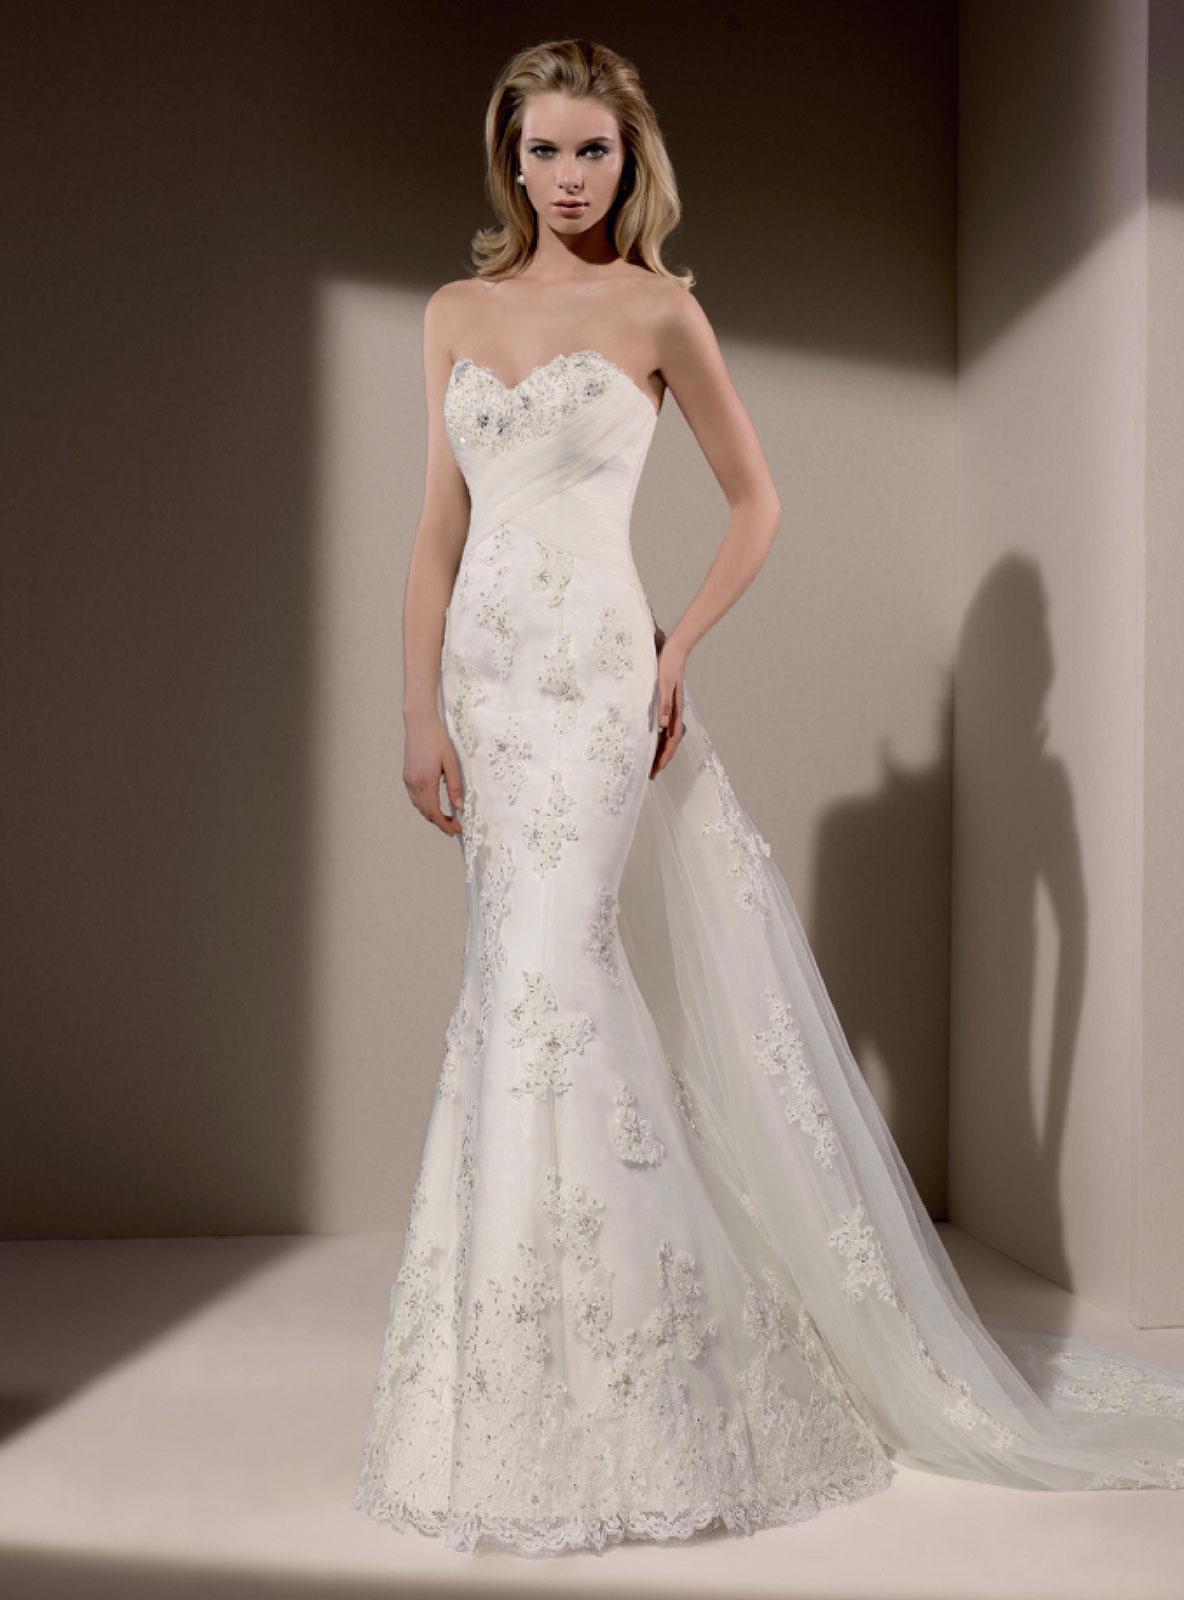 0191327651 Menyasszonyi ruha modelljeink Párizsból - Menyasszonyi ruha, Divina ...